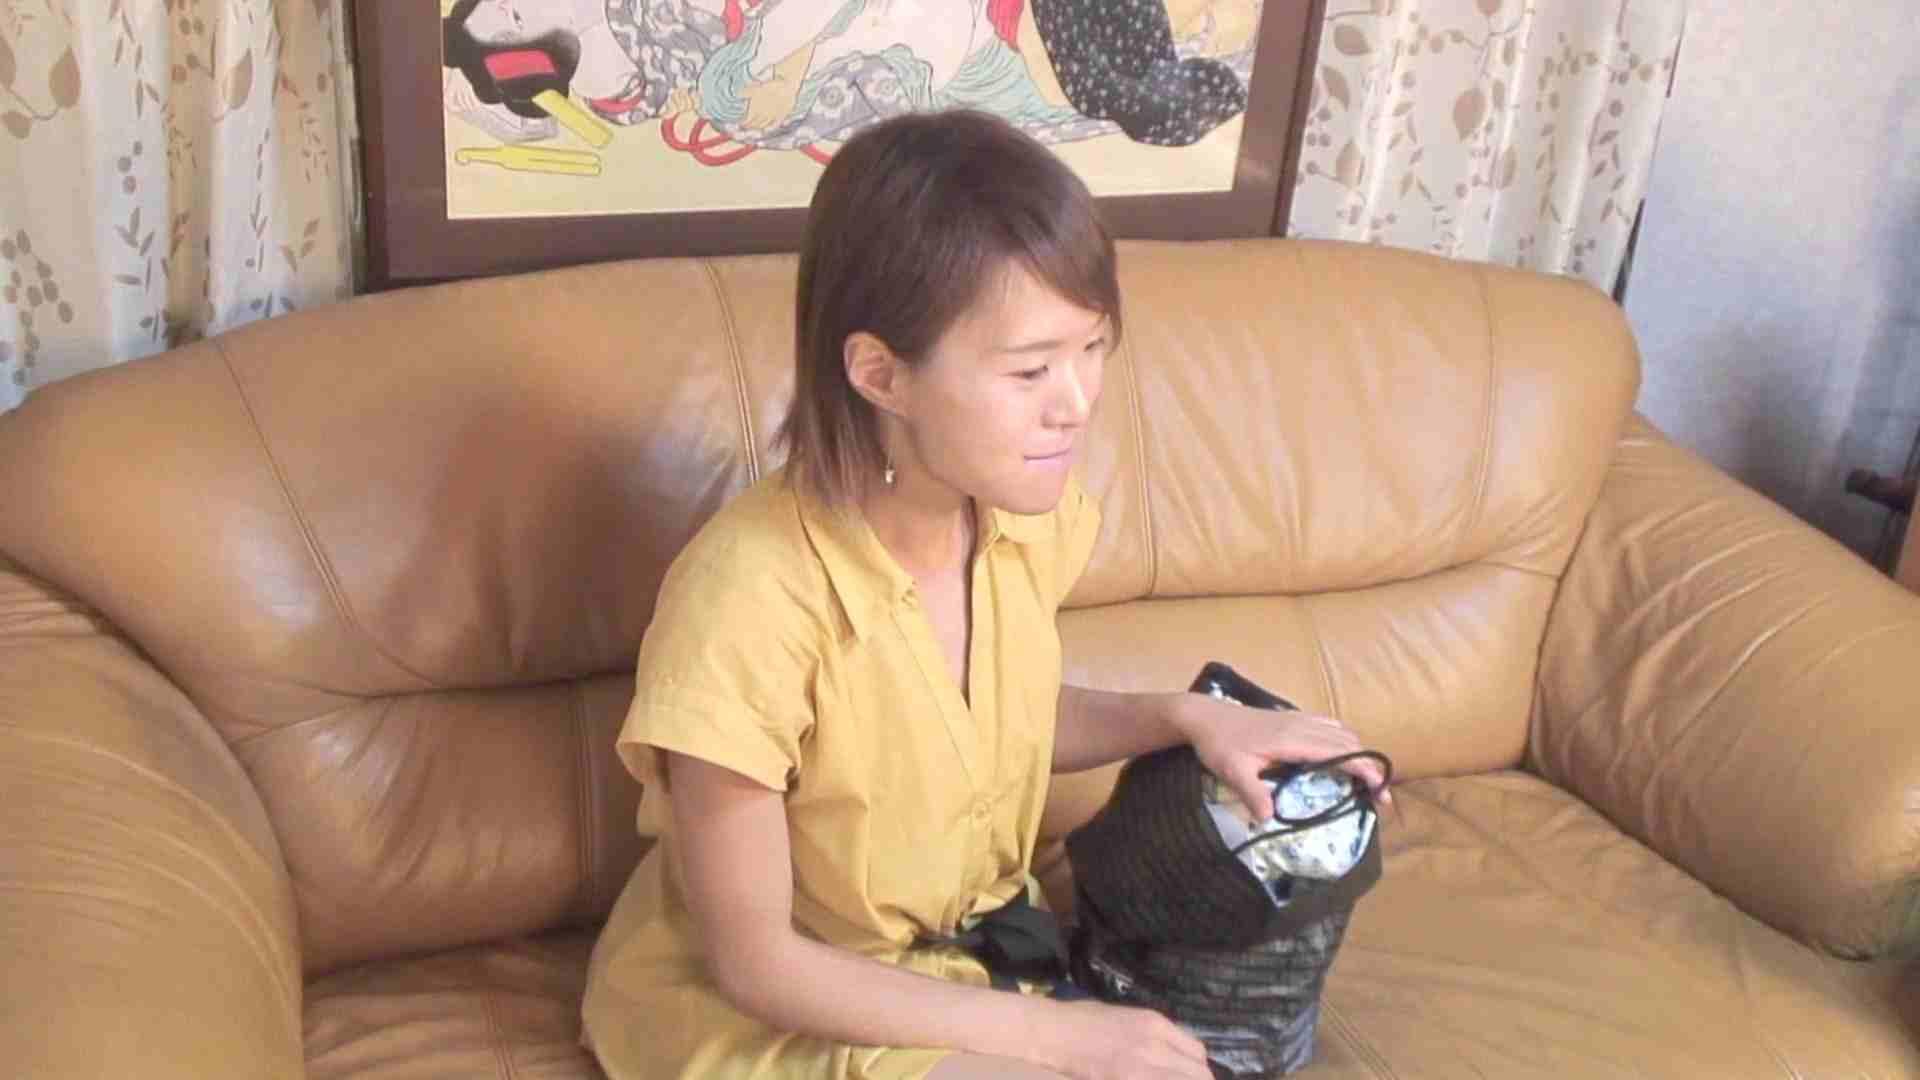 鬼才沖本監督作品 フェラしか出来ない女 フェラ ワレメ動画紹介 107枚 42